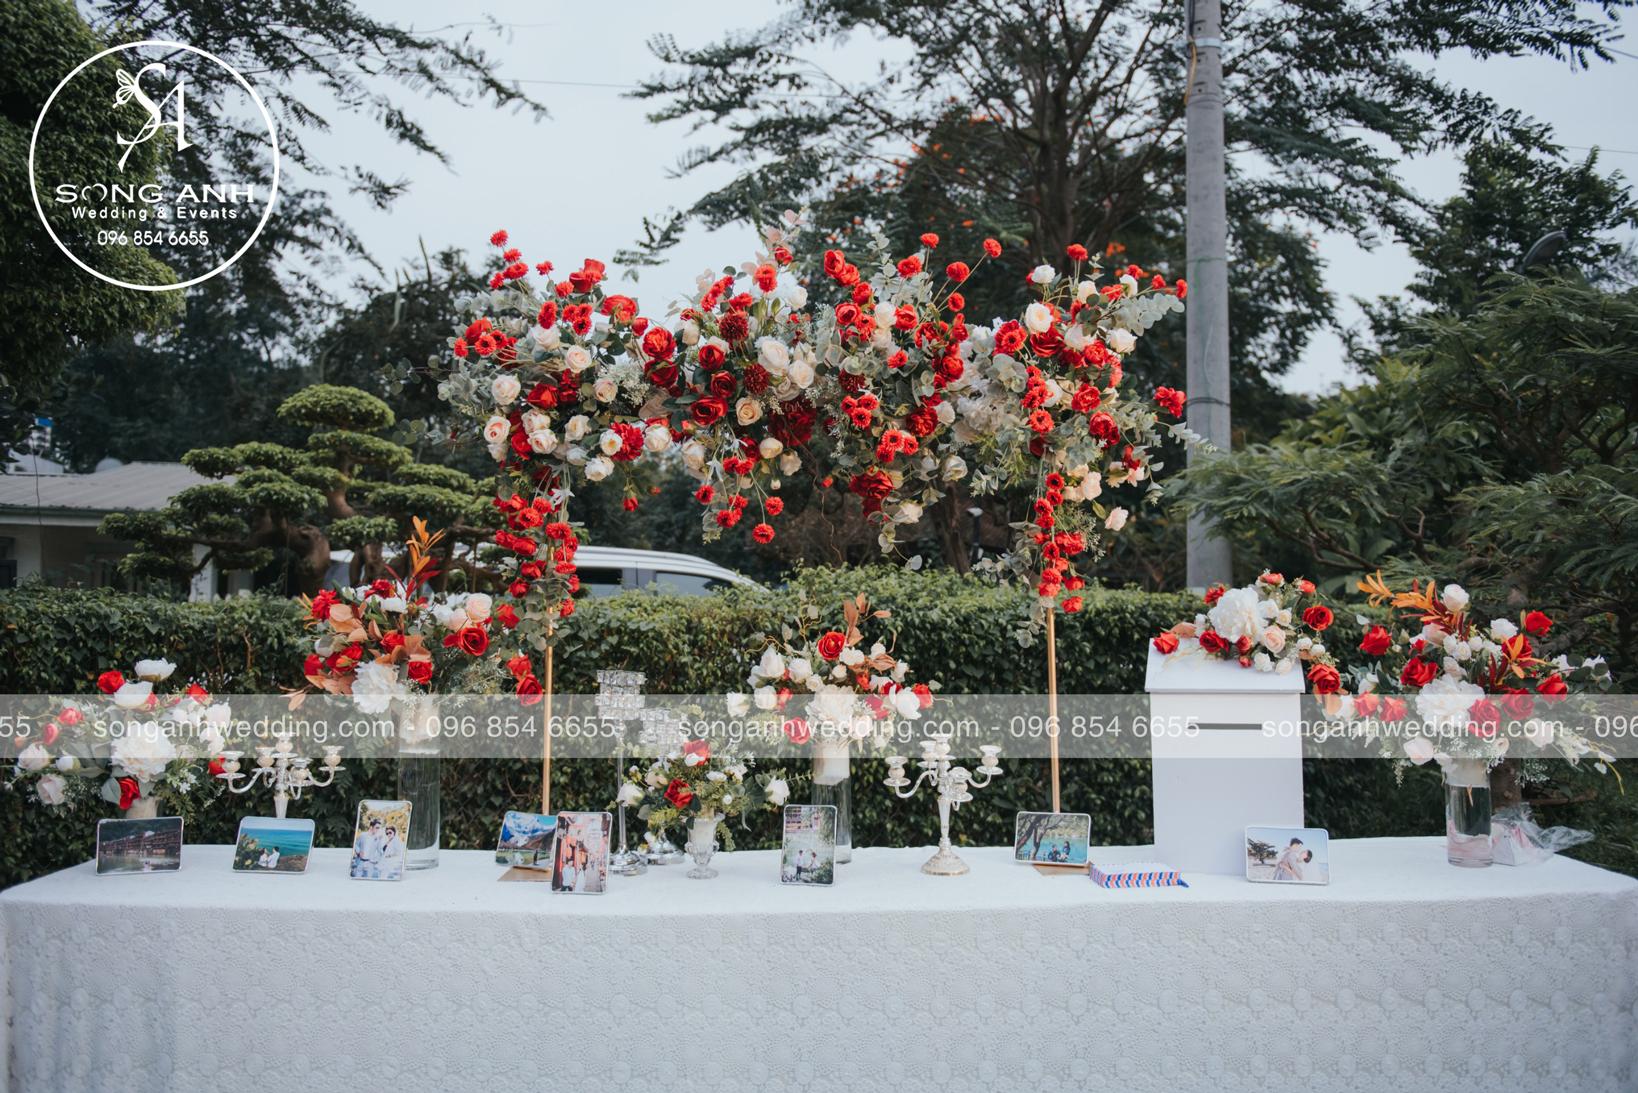 Sự kết hợp hài hòa giữa sắc đỏ rực rỡ với gam màu trắng tạo điểm nhấn nổi bật trong tiệc cưới mùa hè